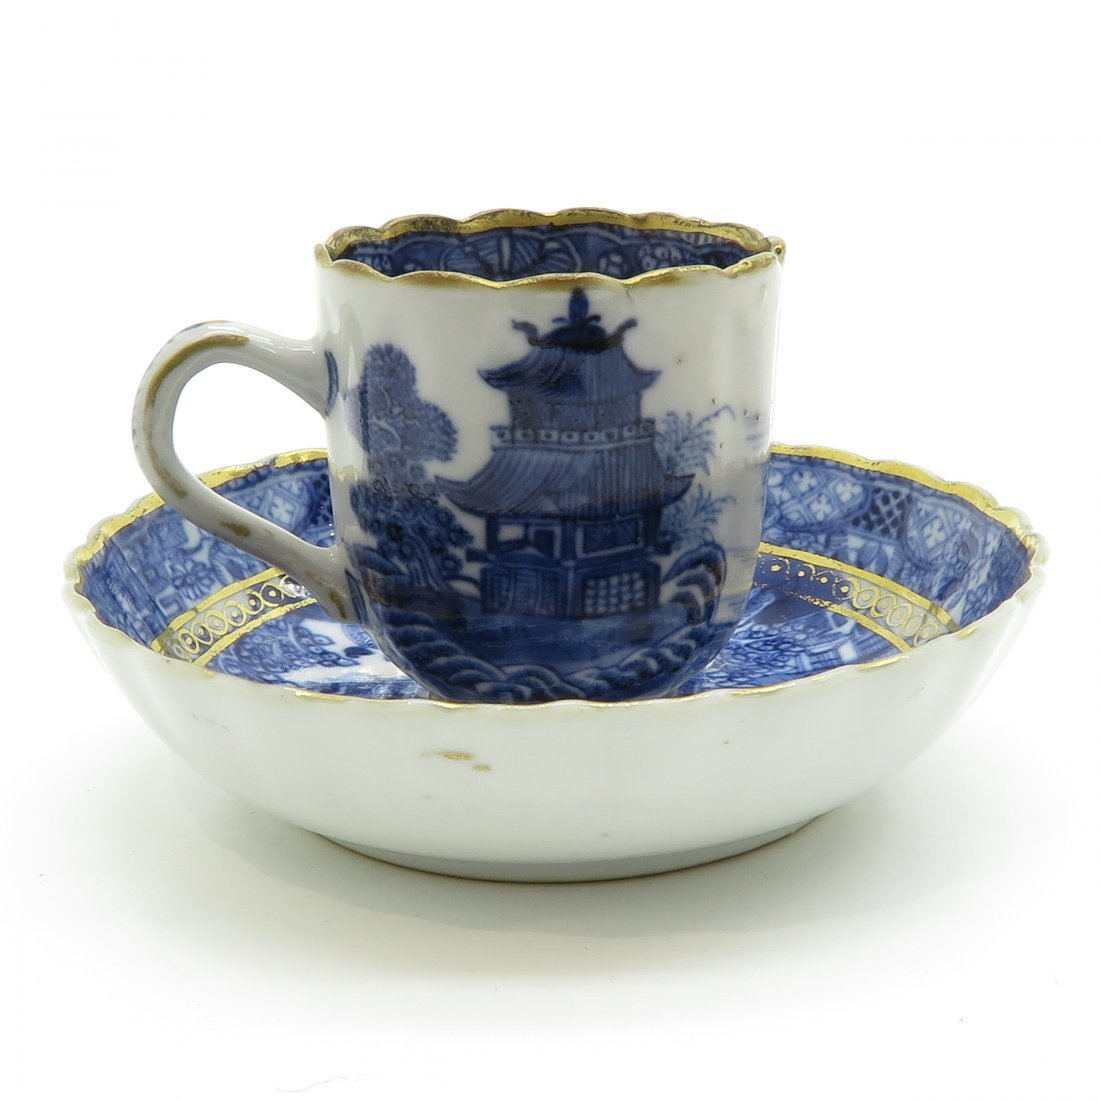 China Porcelain Cup and Saucer Circa 1800 - 3